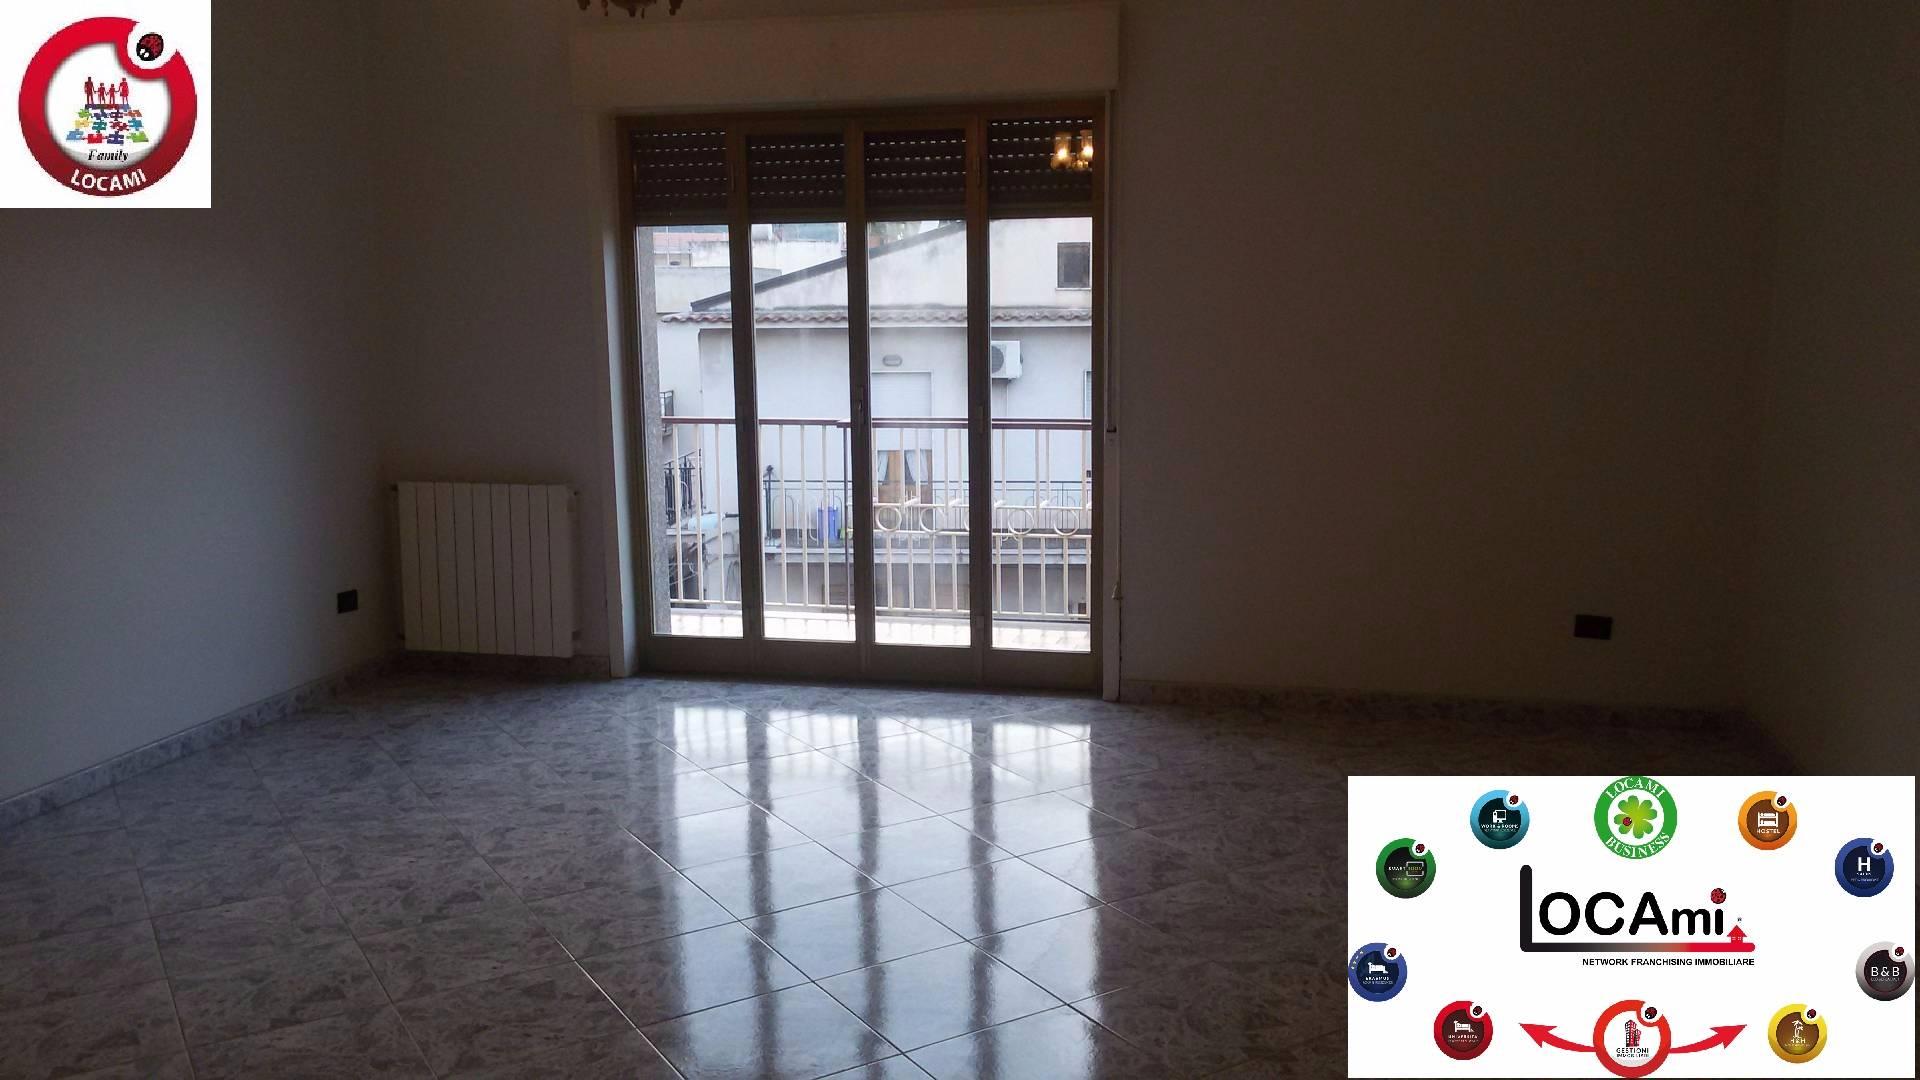 Appartamento in affitto a Patti, 6 locali, zona Località: MarinadiPatti, prezzo € 450   Cambio Casa.it